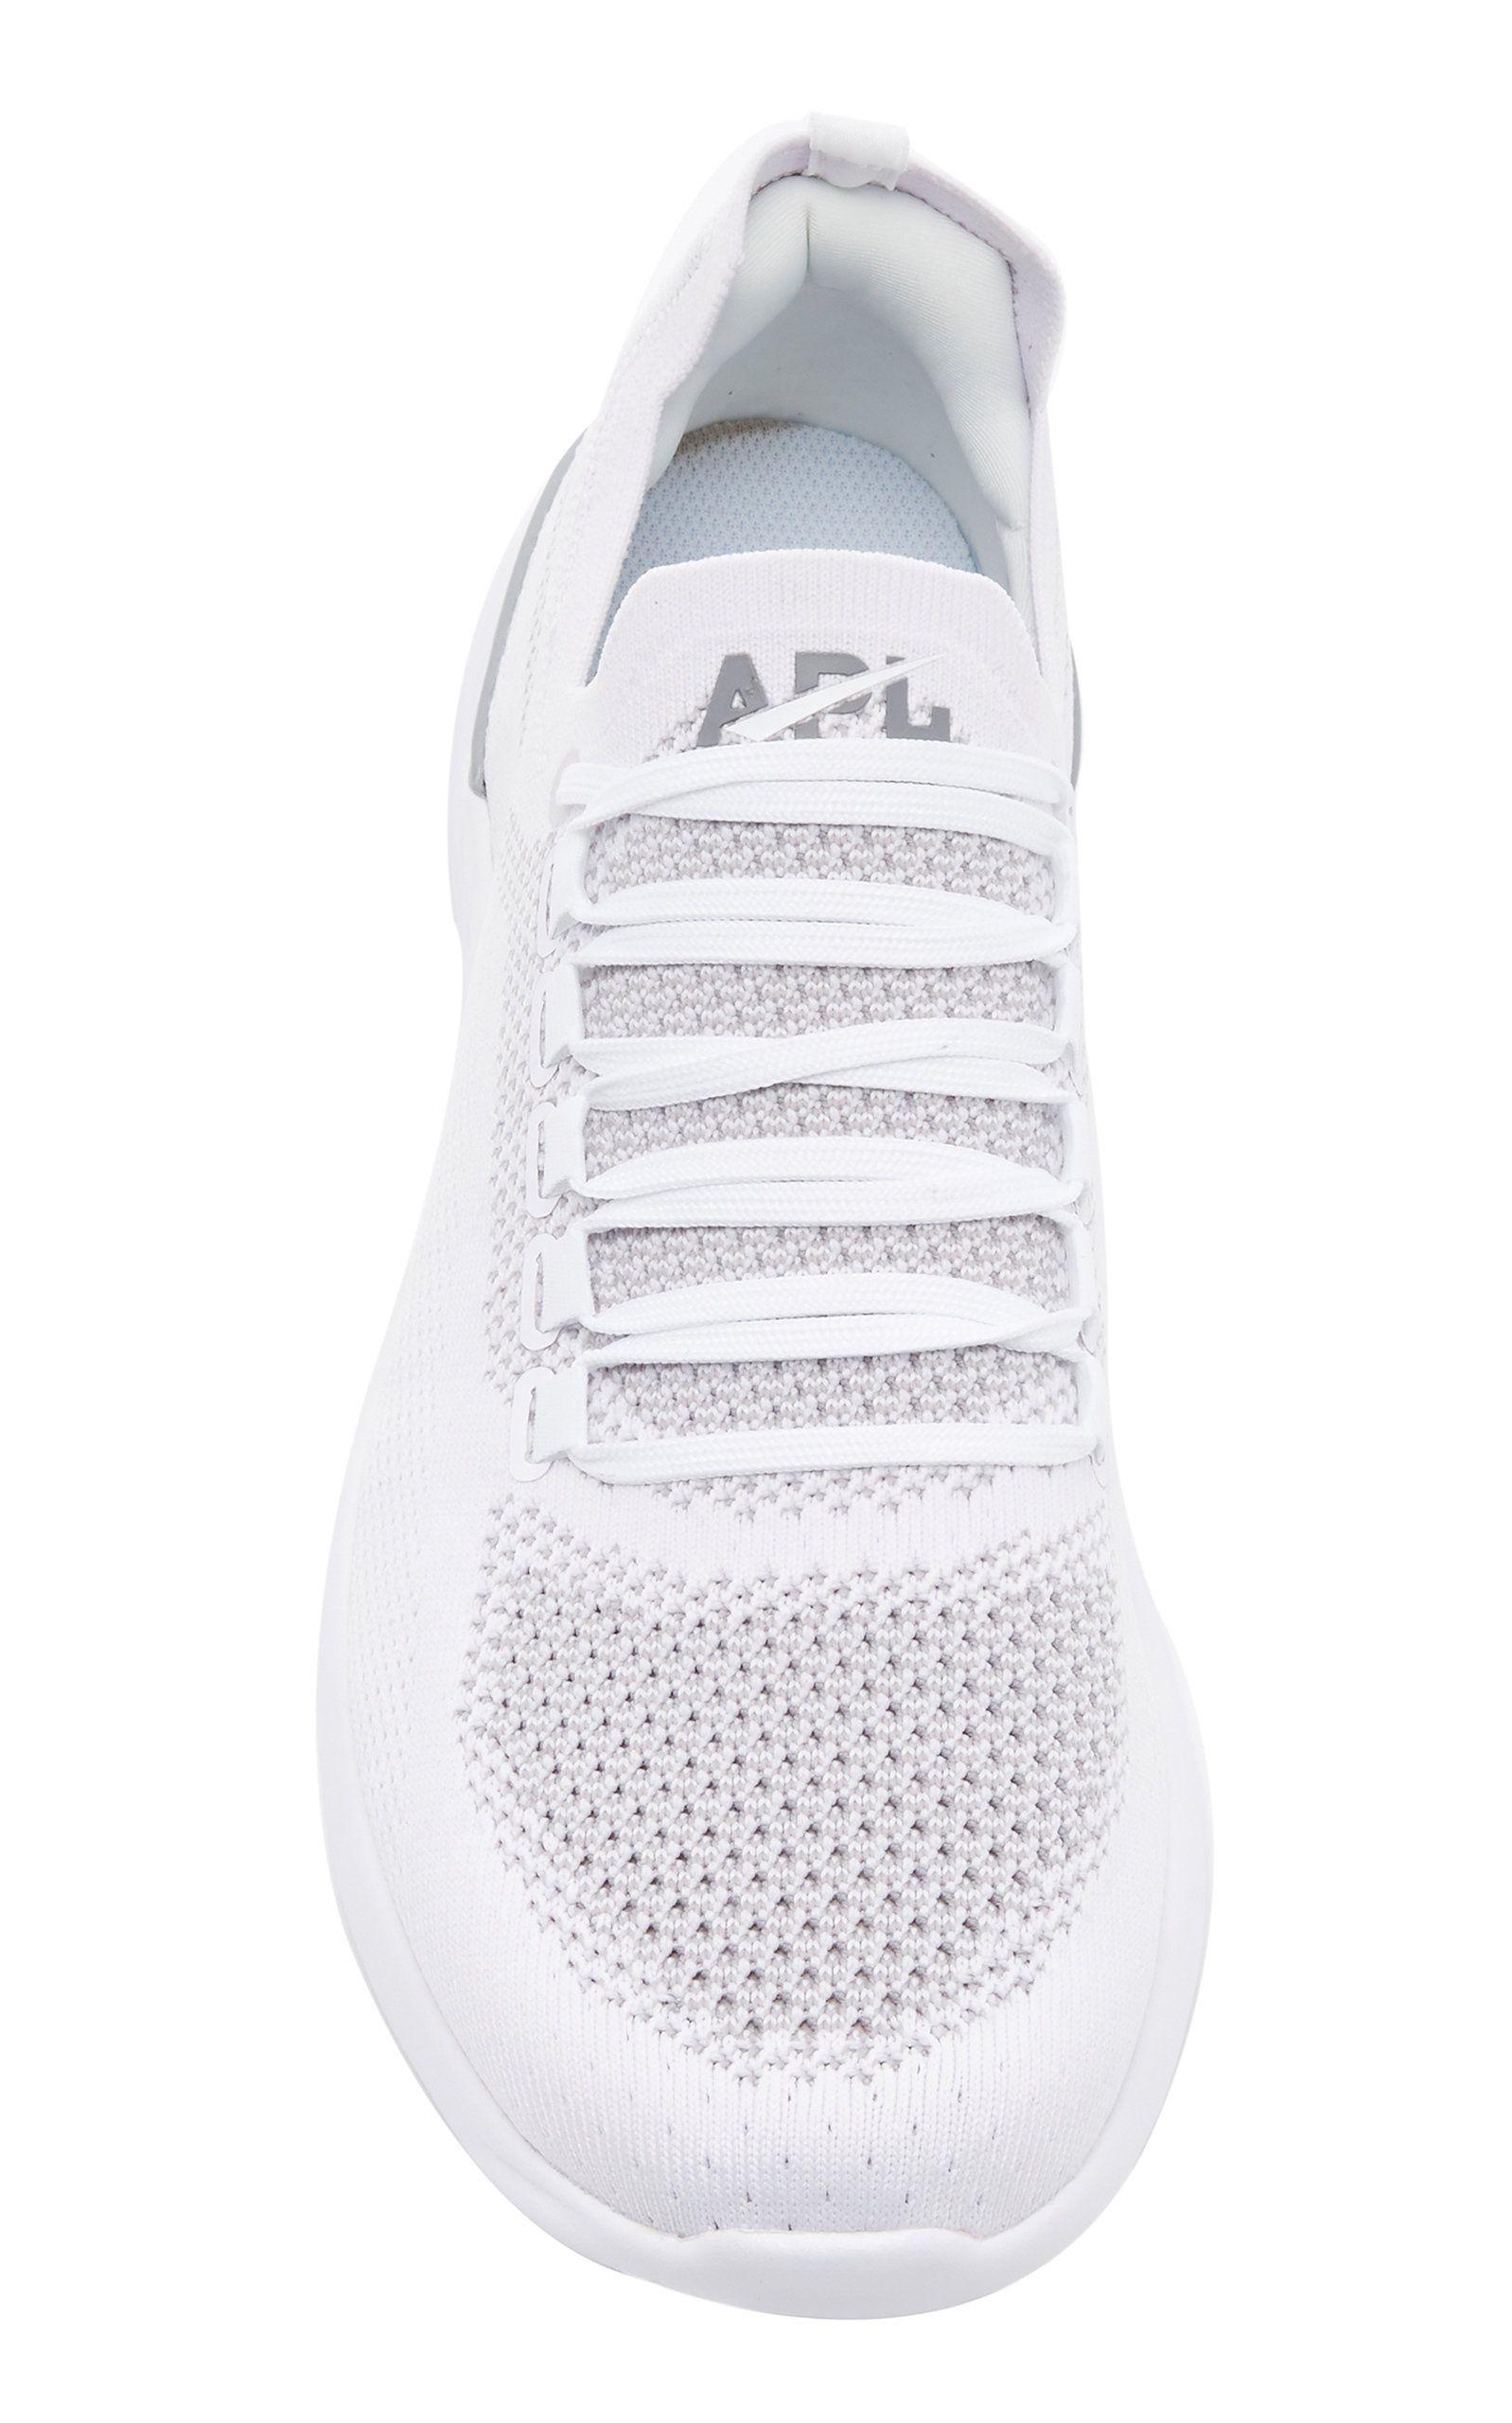 apl shoes near me